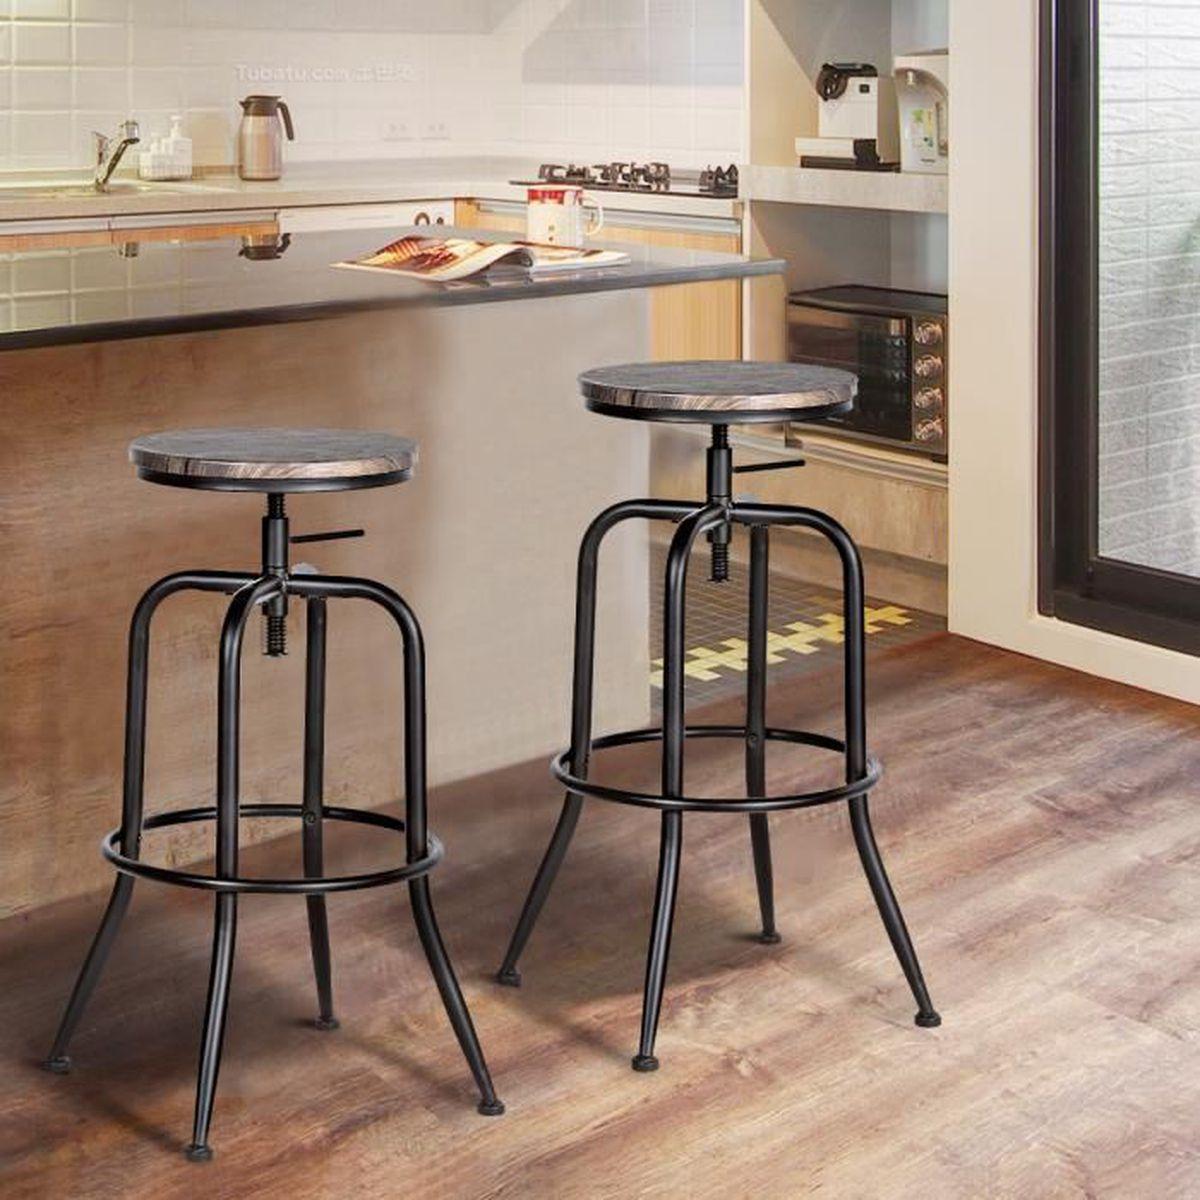 Cuisine Bois Et Metal lot de 2 tabouret de bar industriel style tabouret cuisine